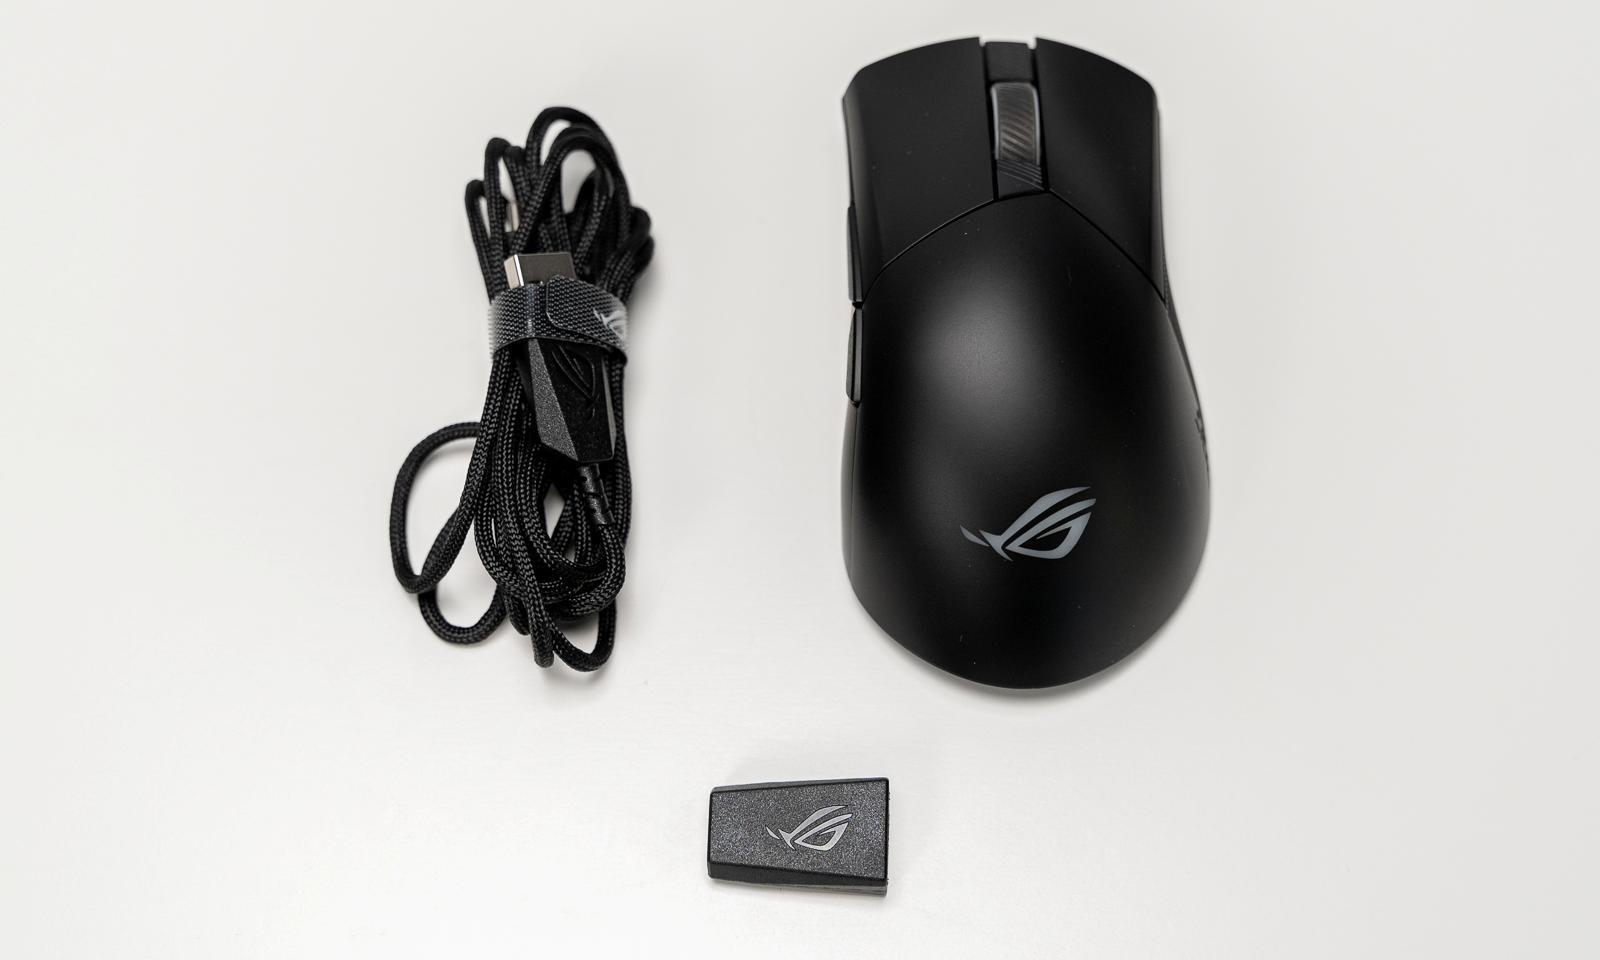 ROG Gladius III Wireless cu cablul Paracord și adaptorul USB